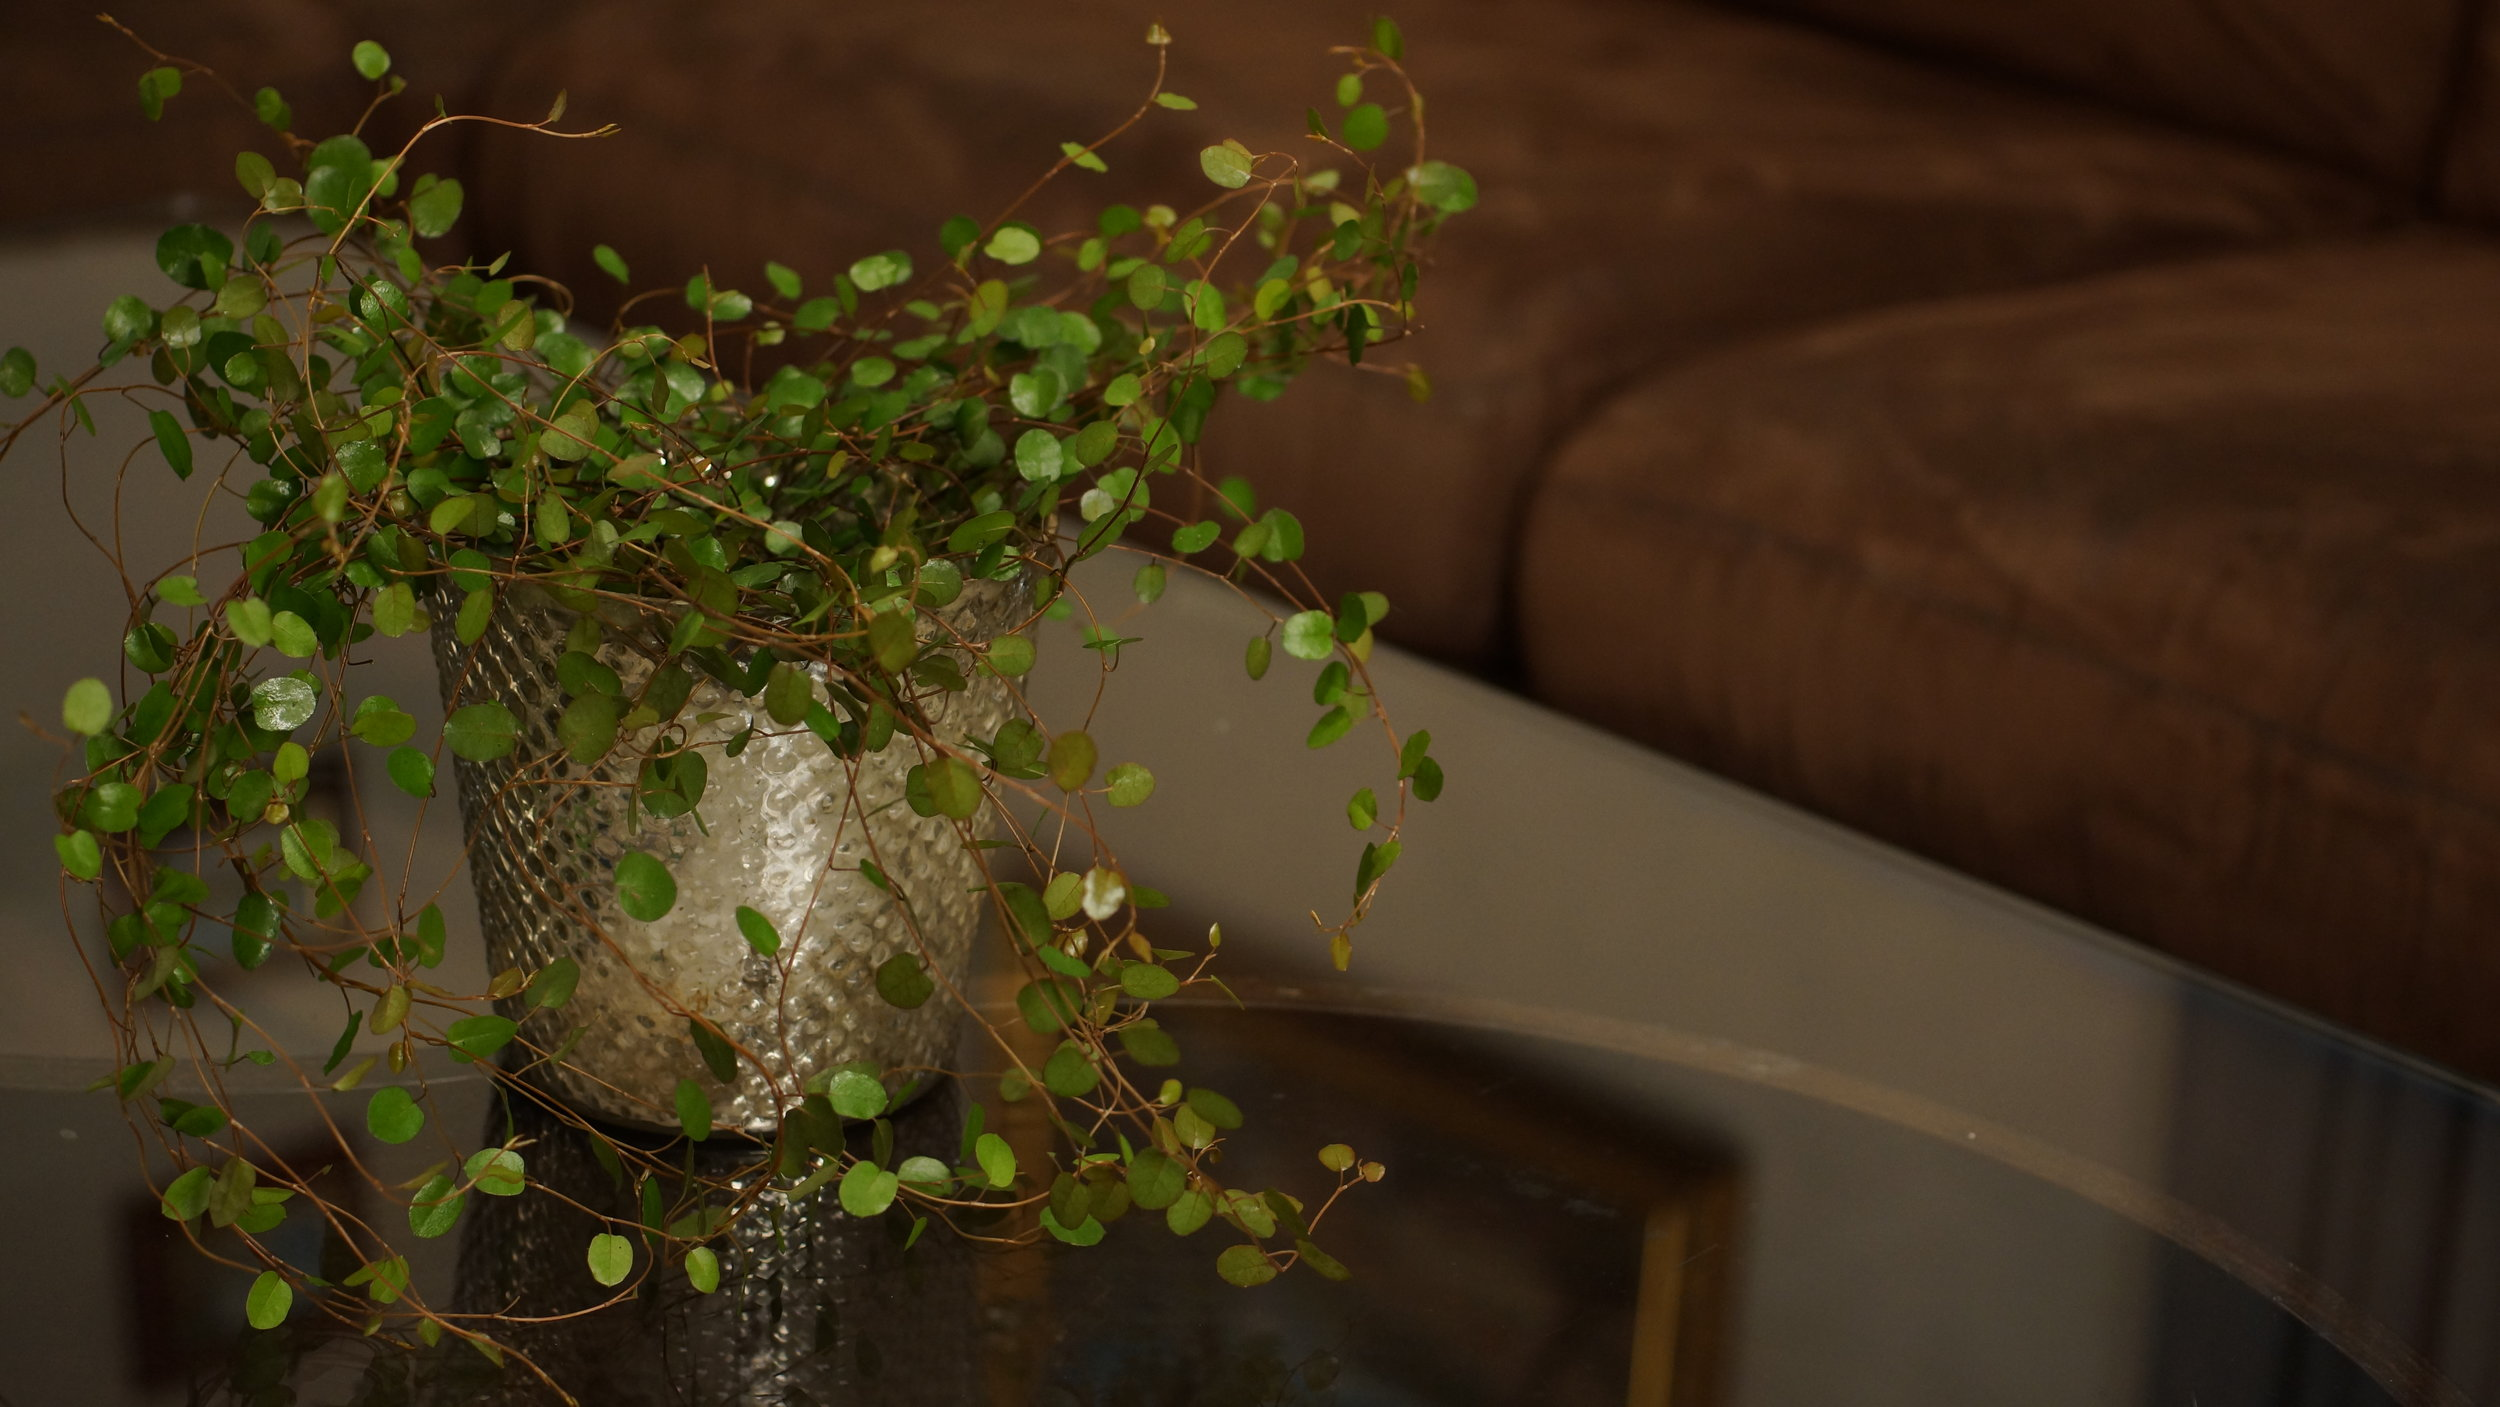 Muehlenbeckia - `Pletter i luften` lyder navnet godt. Ikke sett denne over en radiator eller lignende om vinteren. Da tørker den lett ut. Gir du den jevnt med vann, er den utrolig dekorativ!